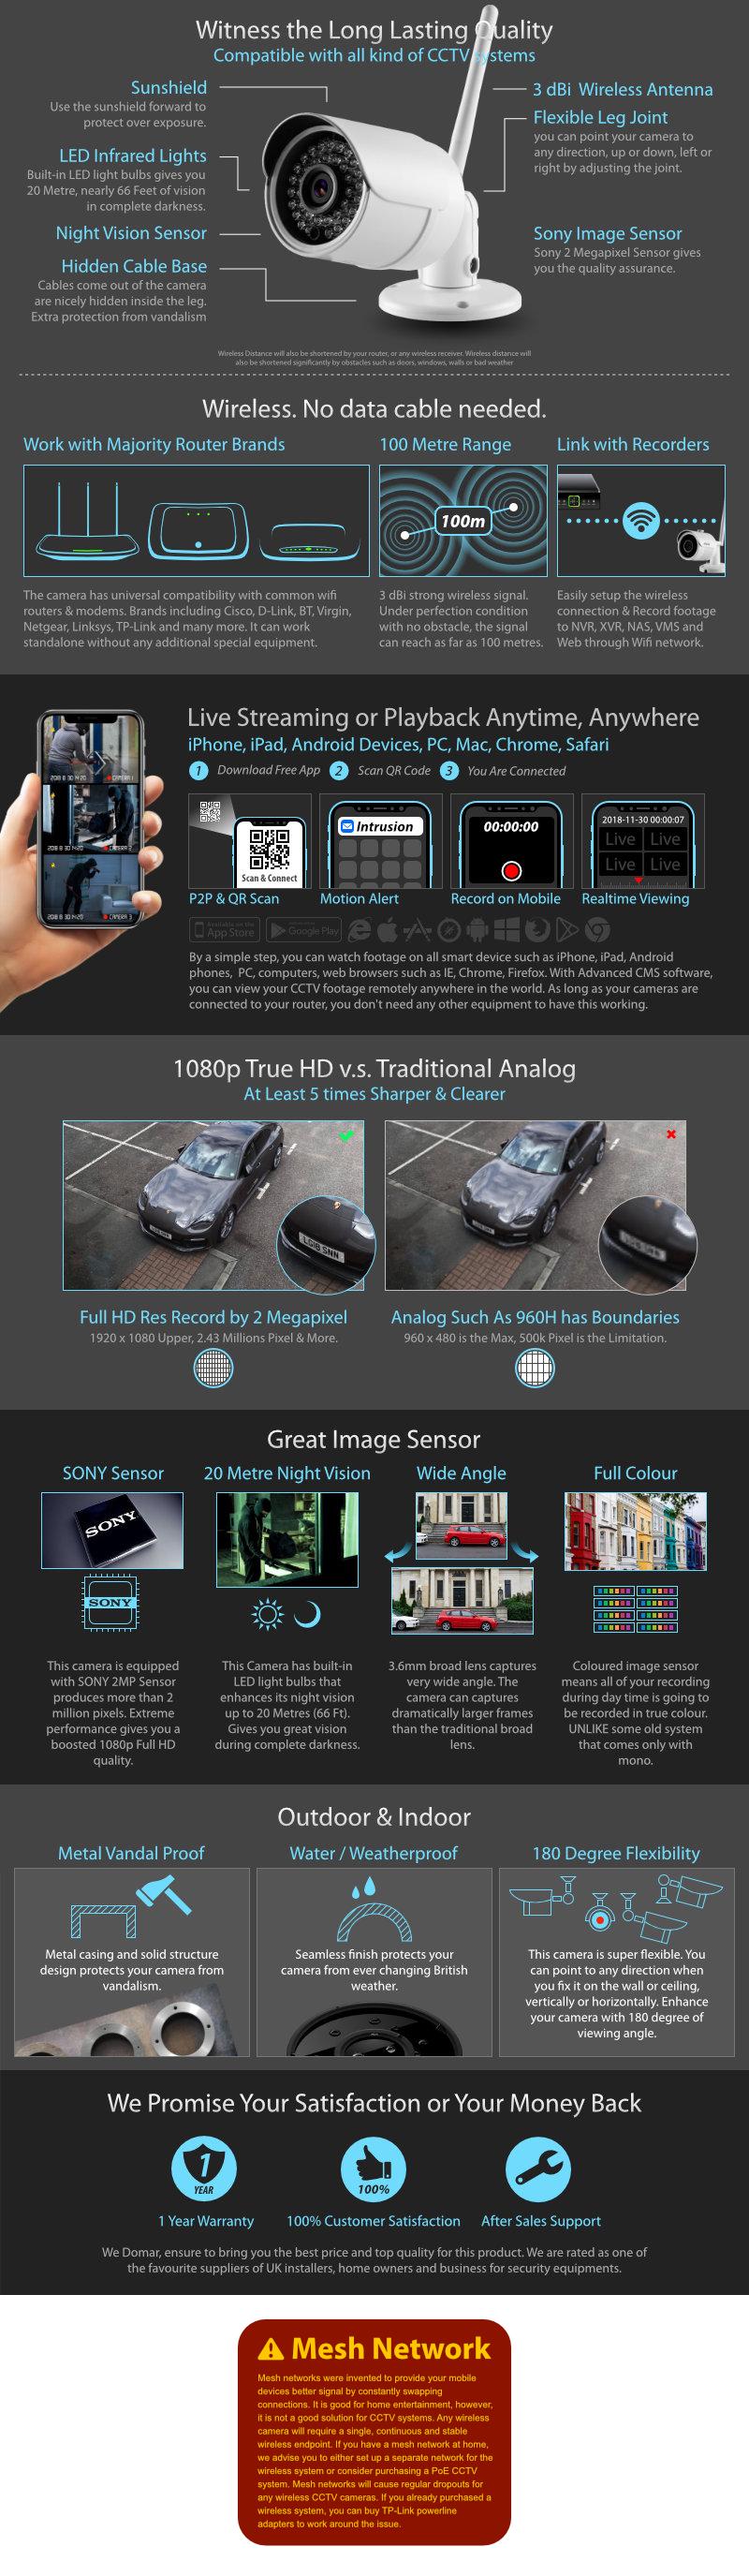 Zxtech Wireless Tropox2 20M 2.4MP Bullet Camera